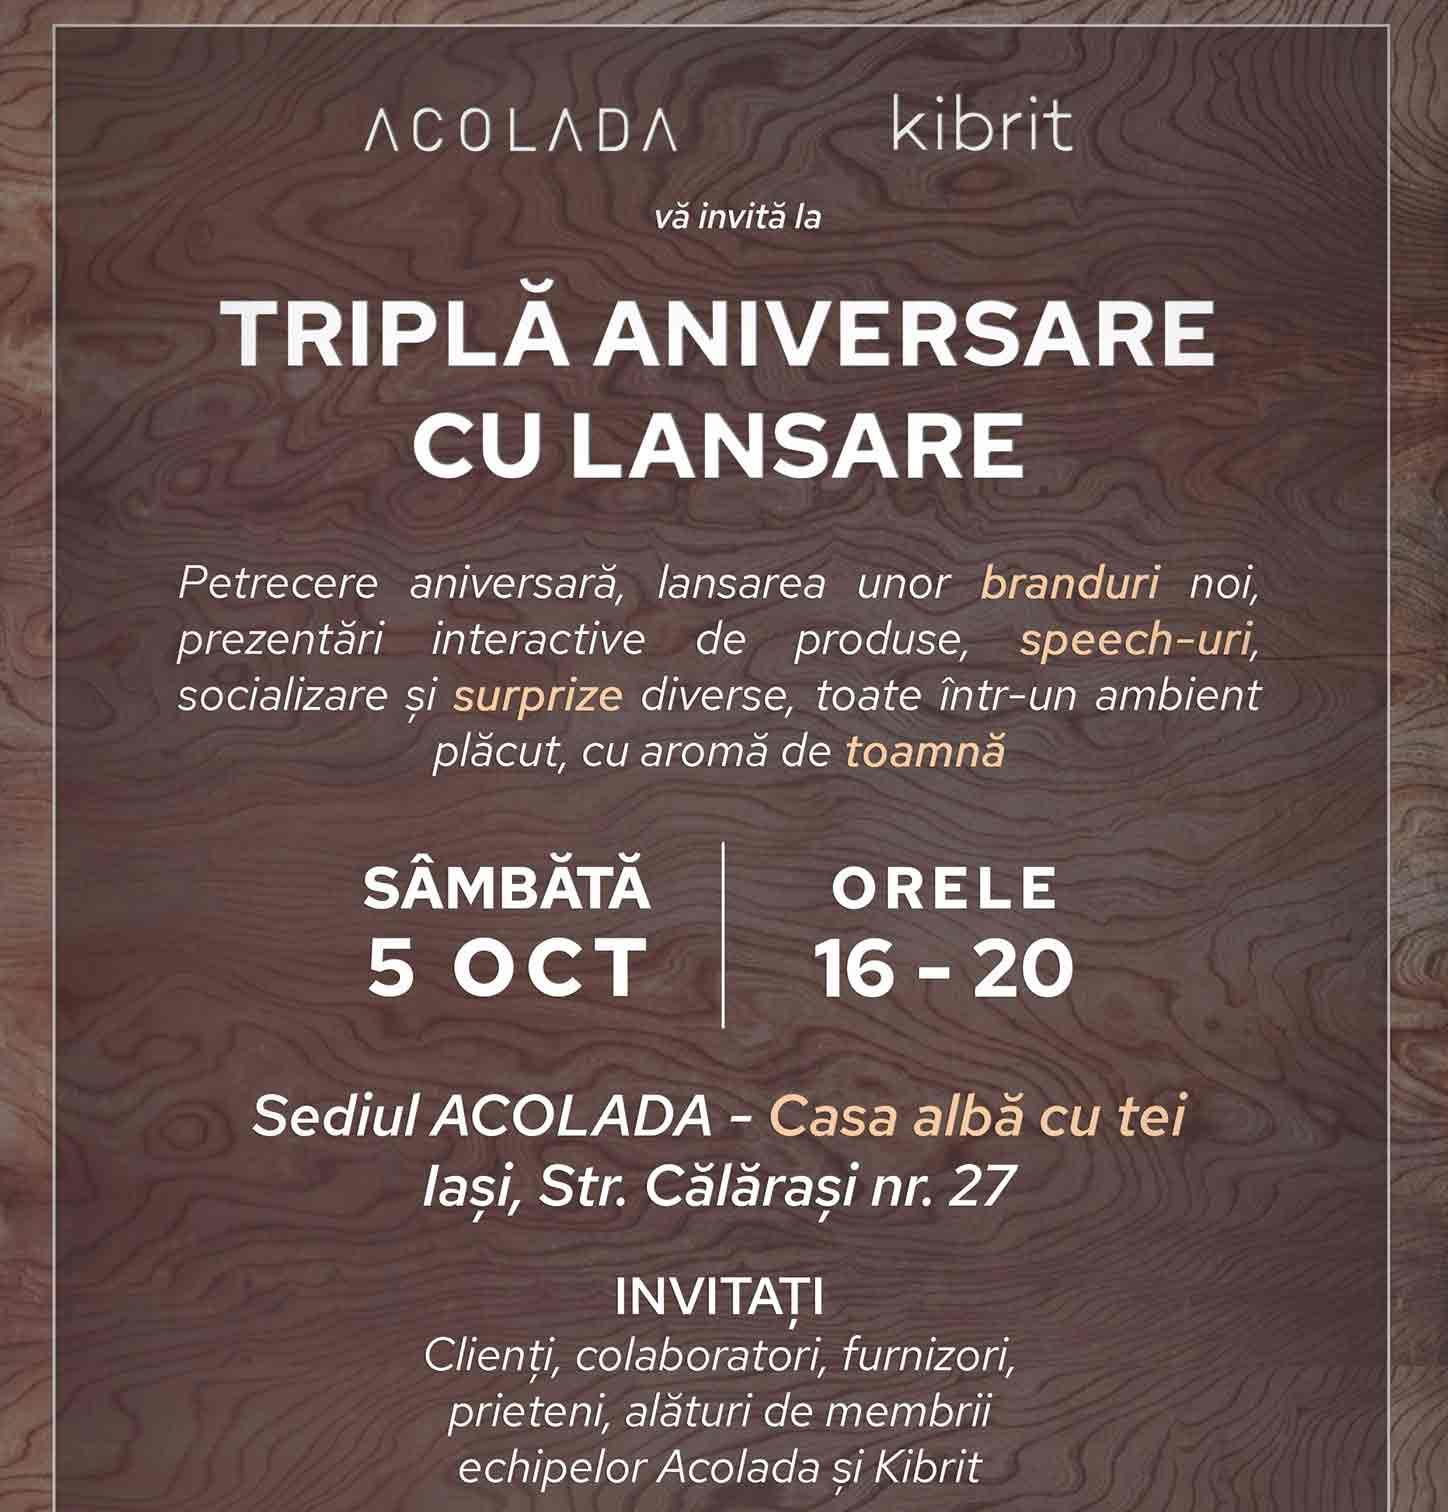 invitatie eveniment